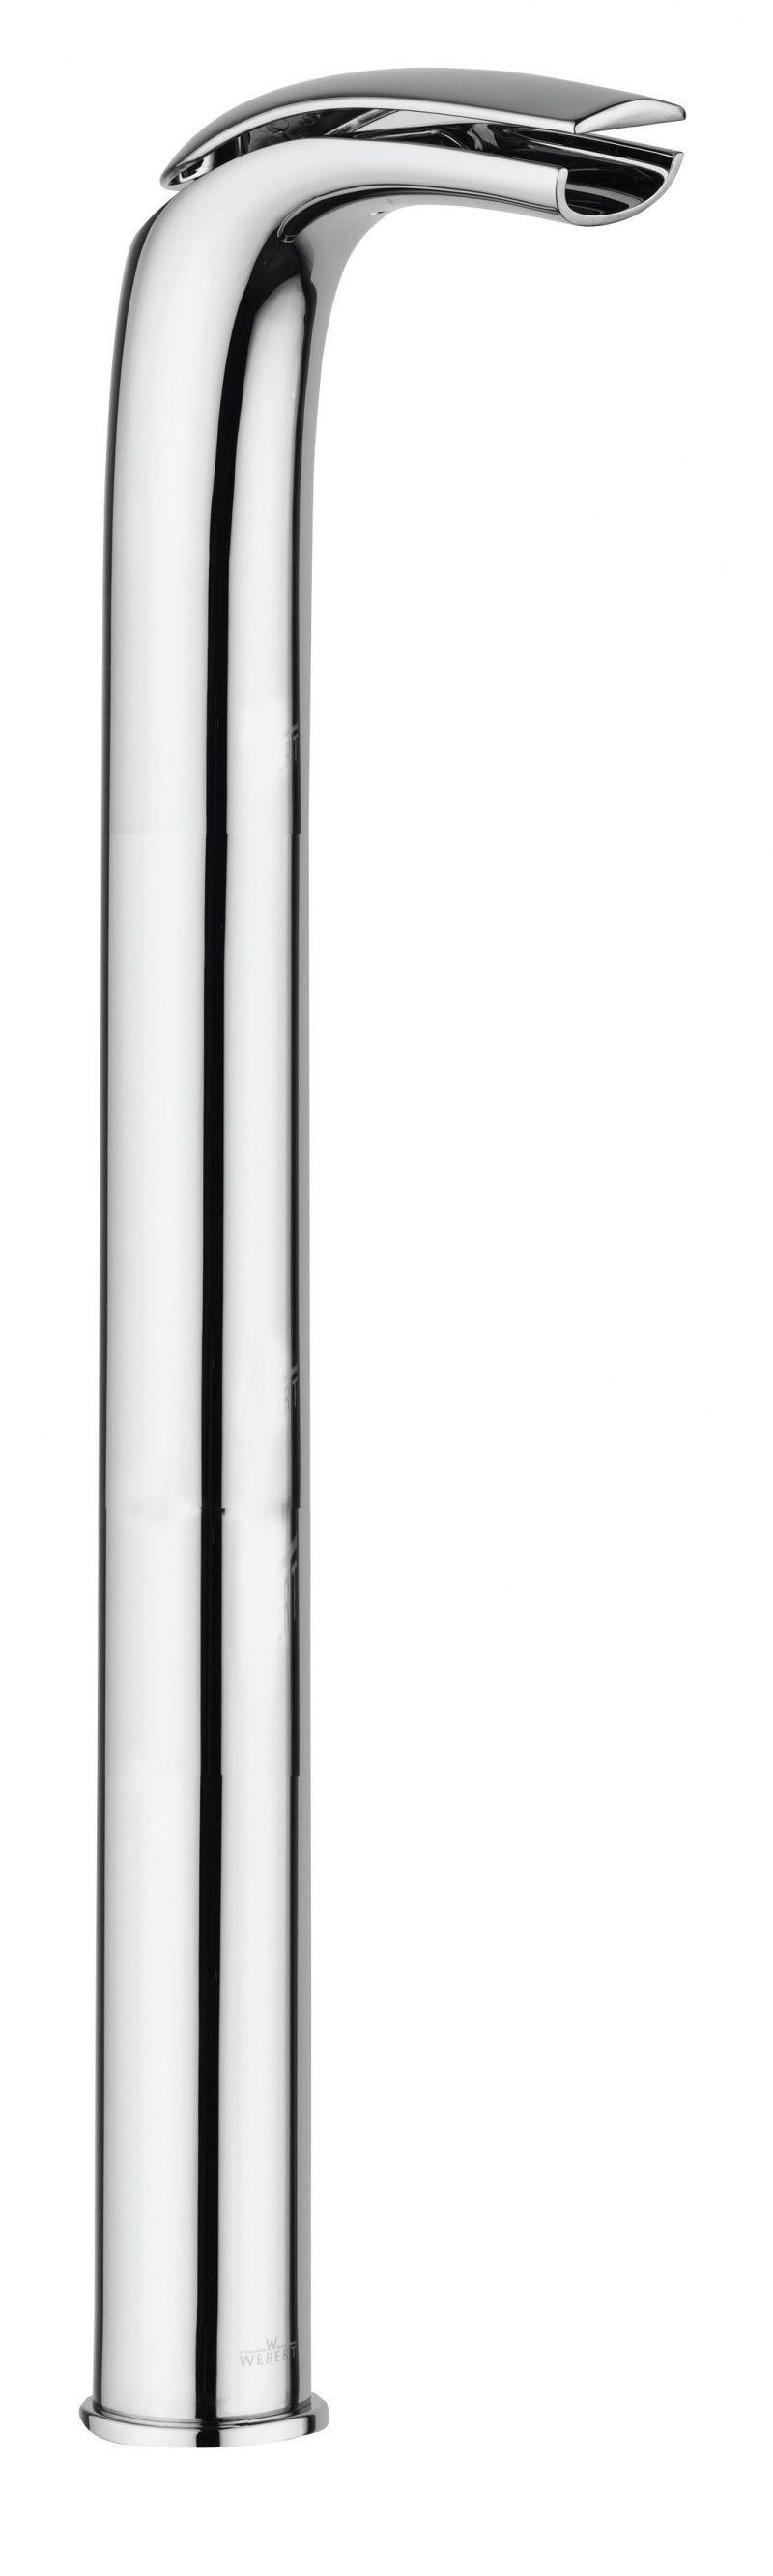 картинка Смеситель напольный Webert Aria AI832301 Хром с ручкой Basalto